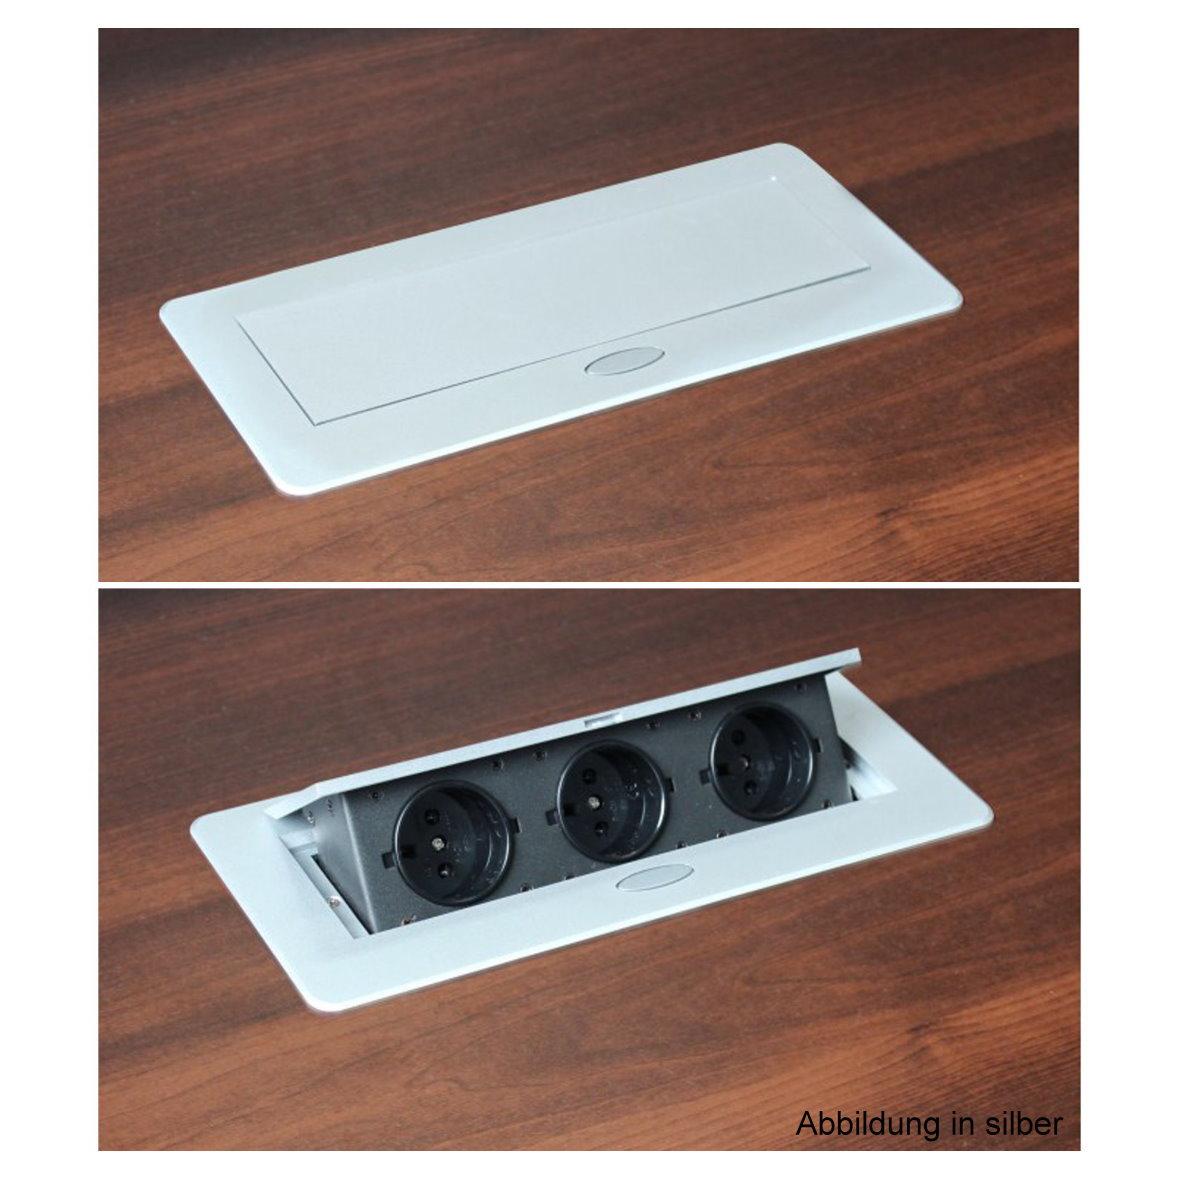 versenkbare einbausteckdose druckguss 3 fach schwarz 3m kabel einbau steckdose ebay. Black Bedroom Furniture Sets. Home Design Ideas